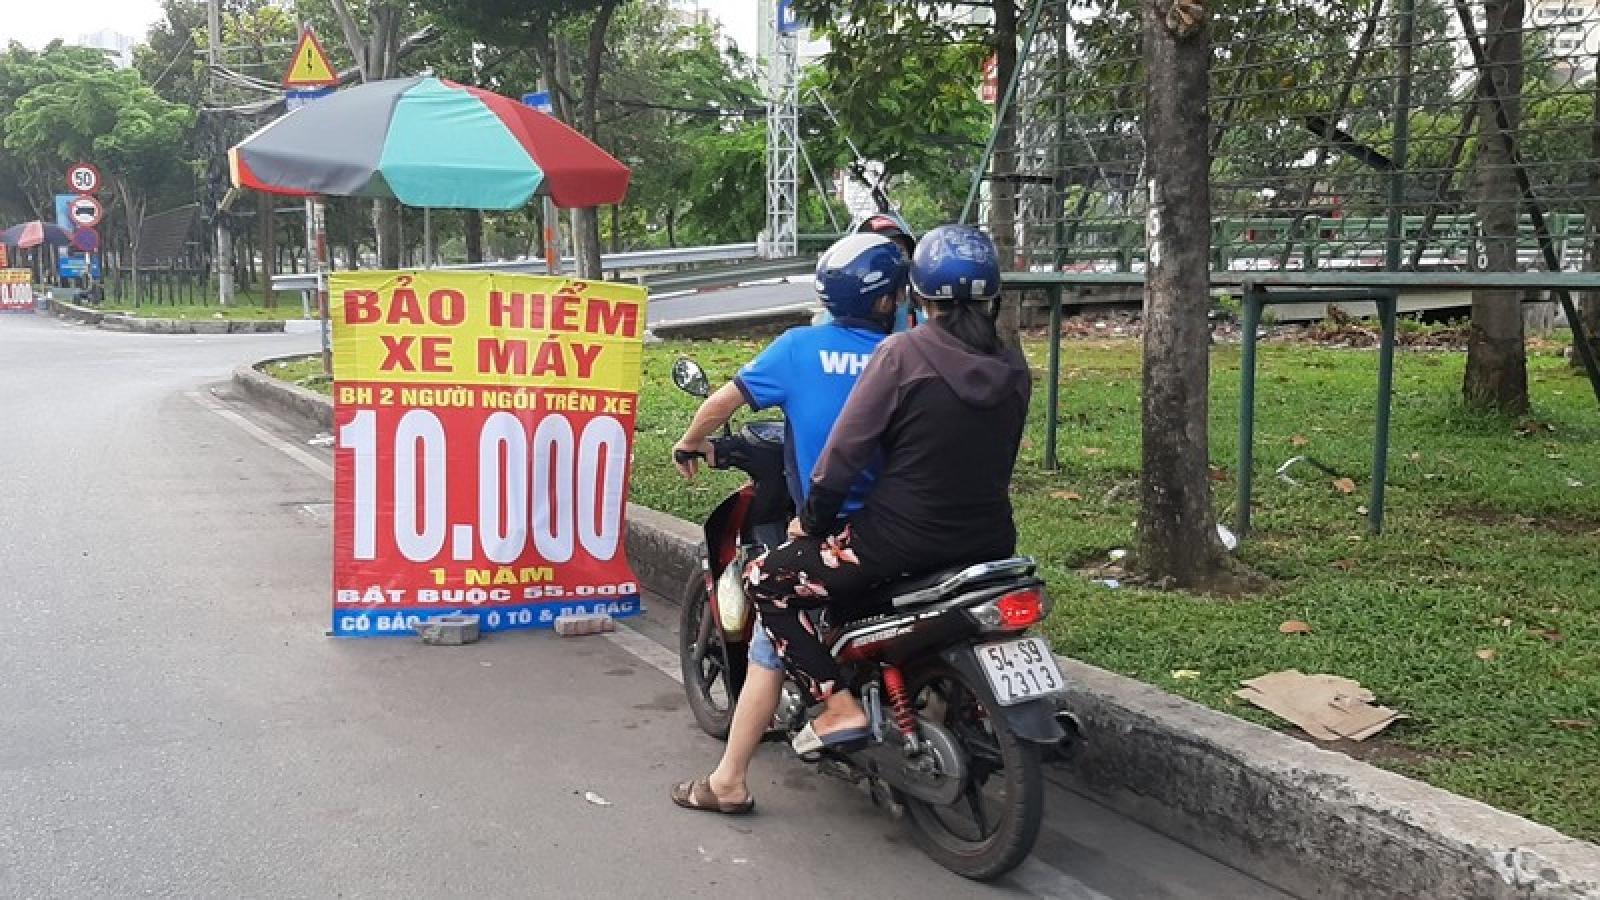 Xe máy cần những loại bảo hiểm nào khi ra đường để tránh bị phạt?